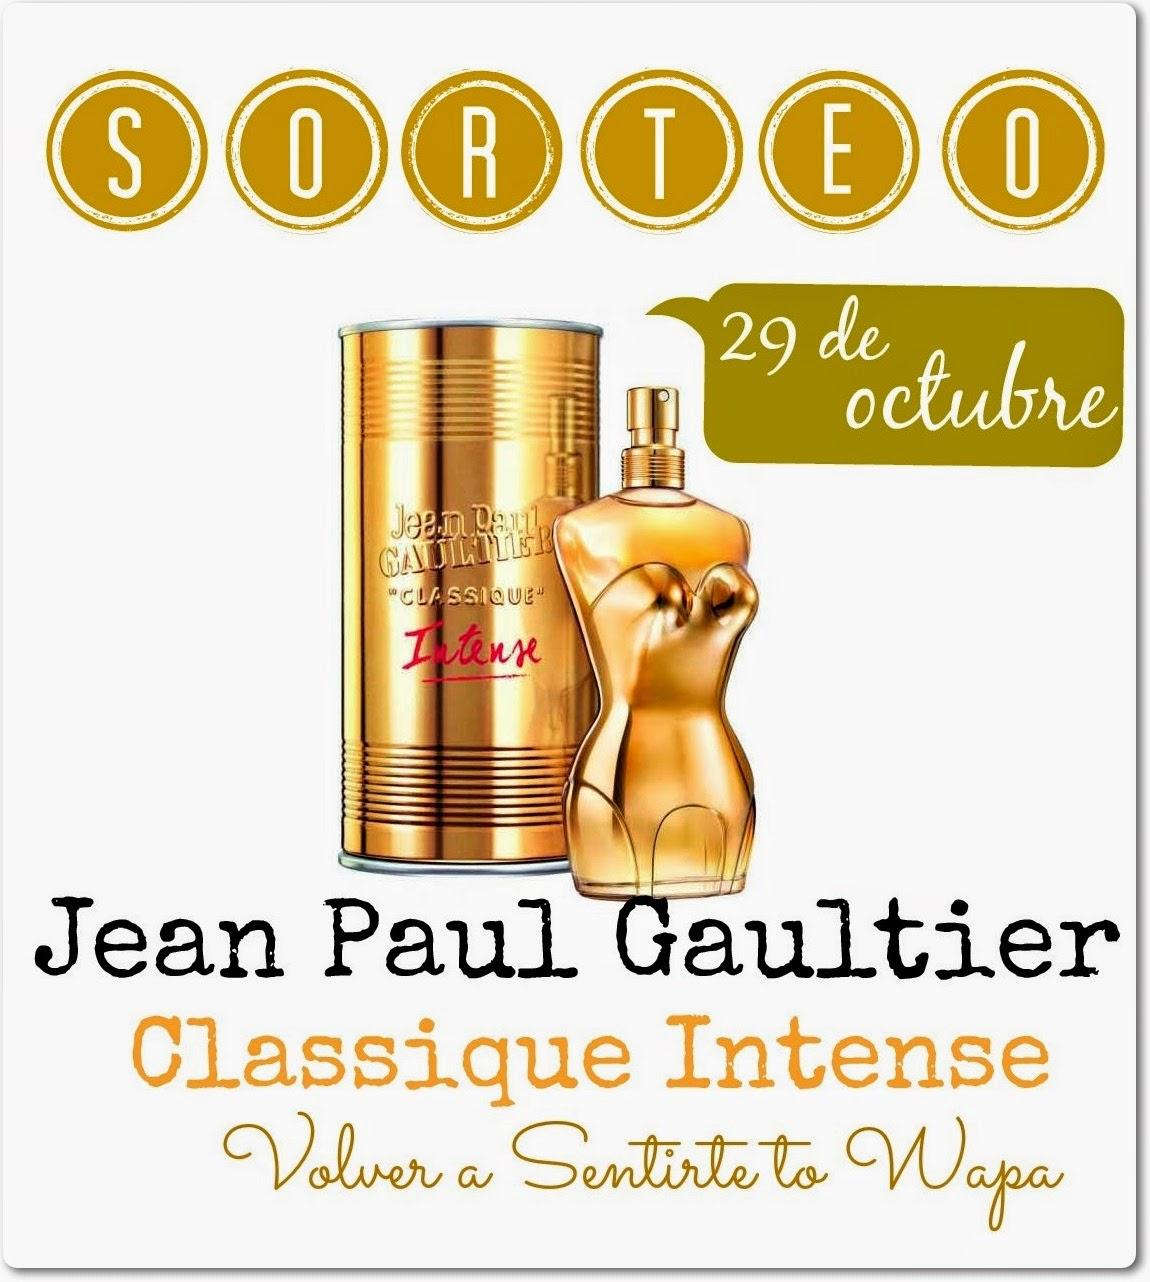 Sorteo Jean Paul Gaultier Classique Intense y Volver a Sentirte to Wapa